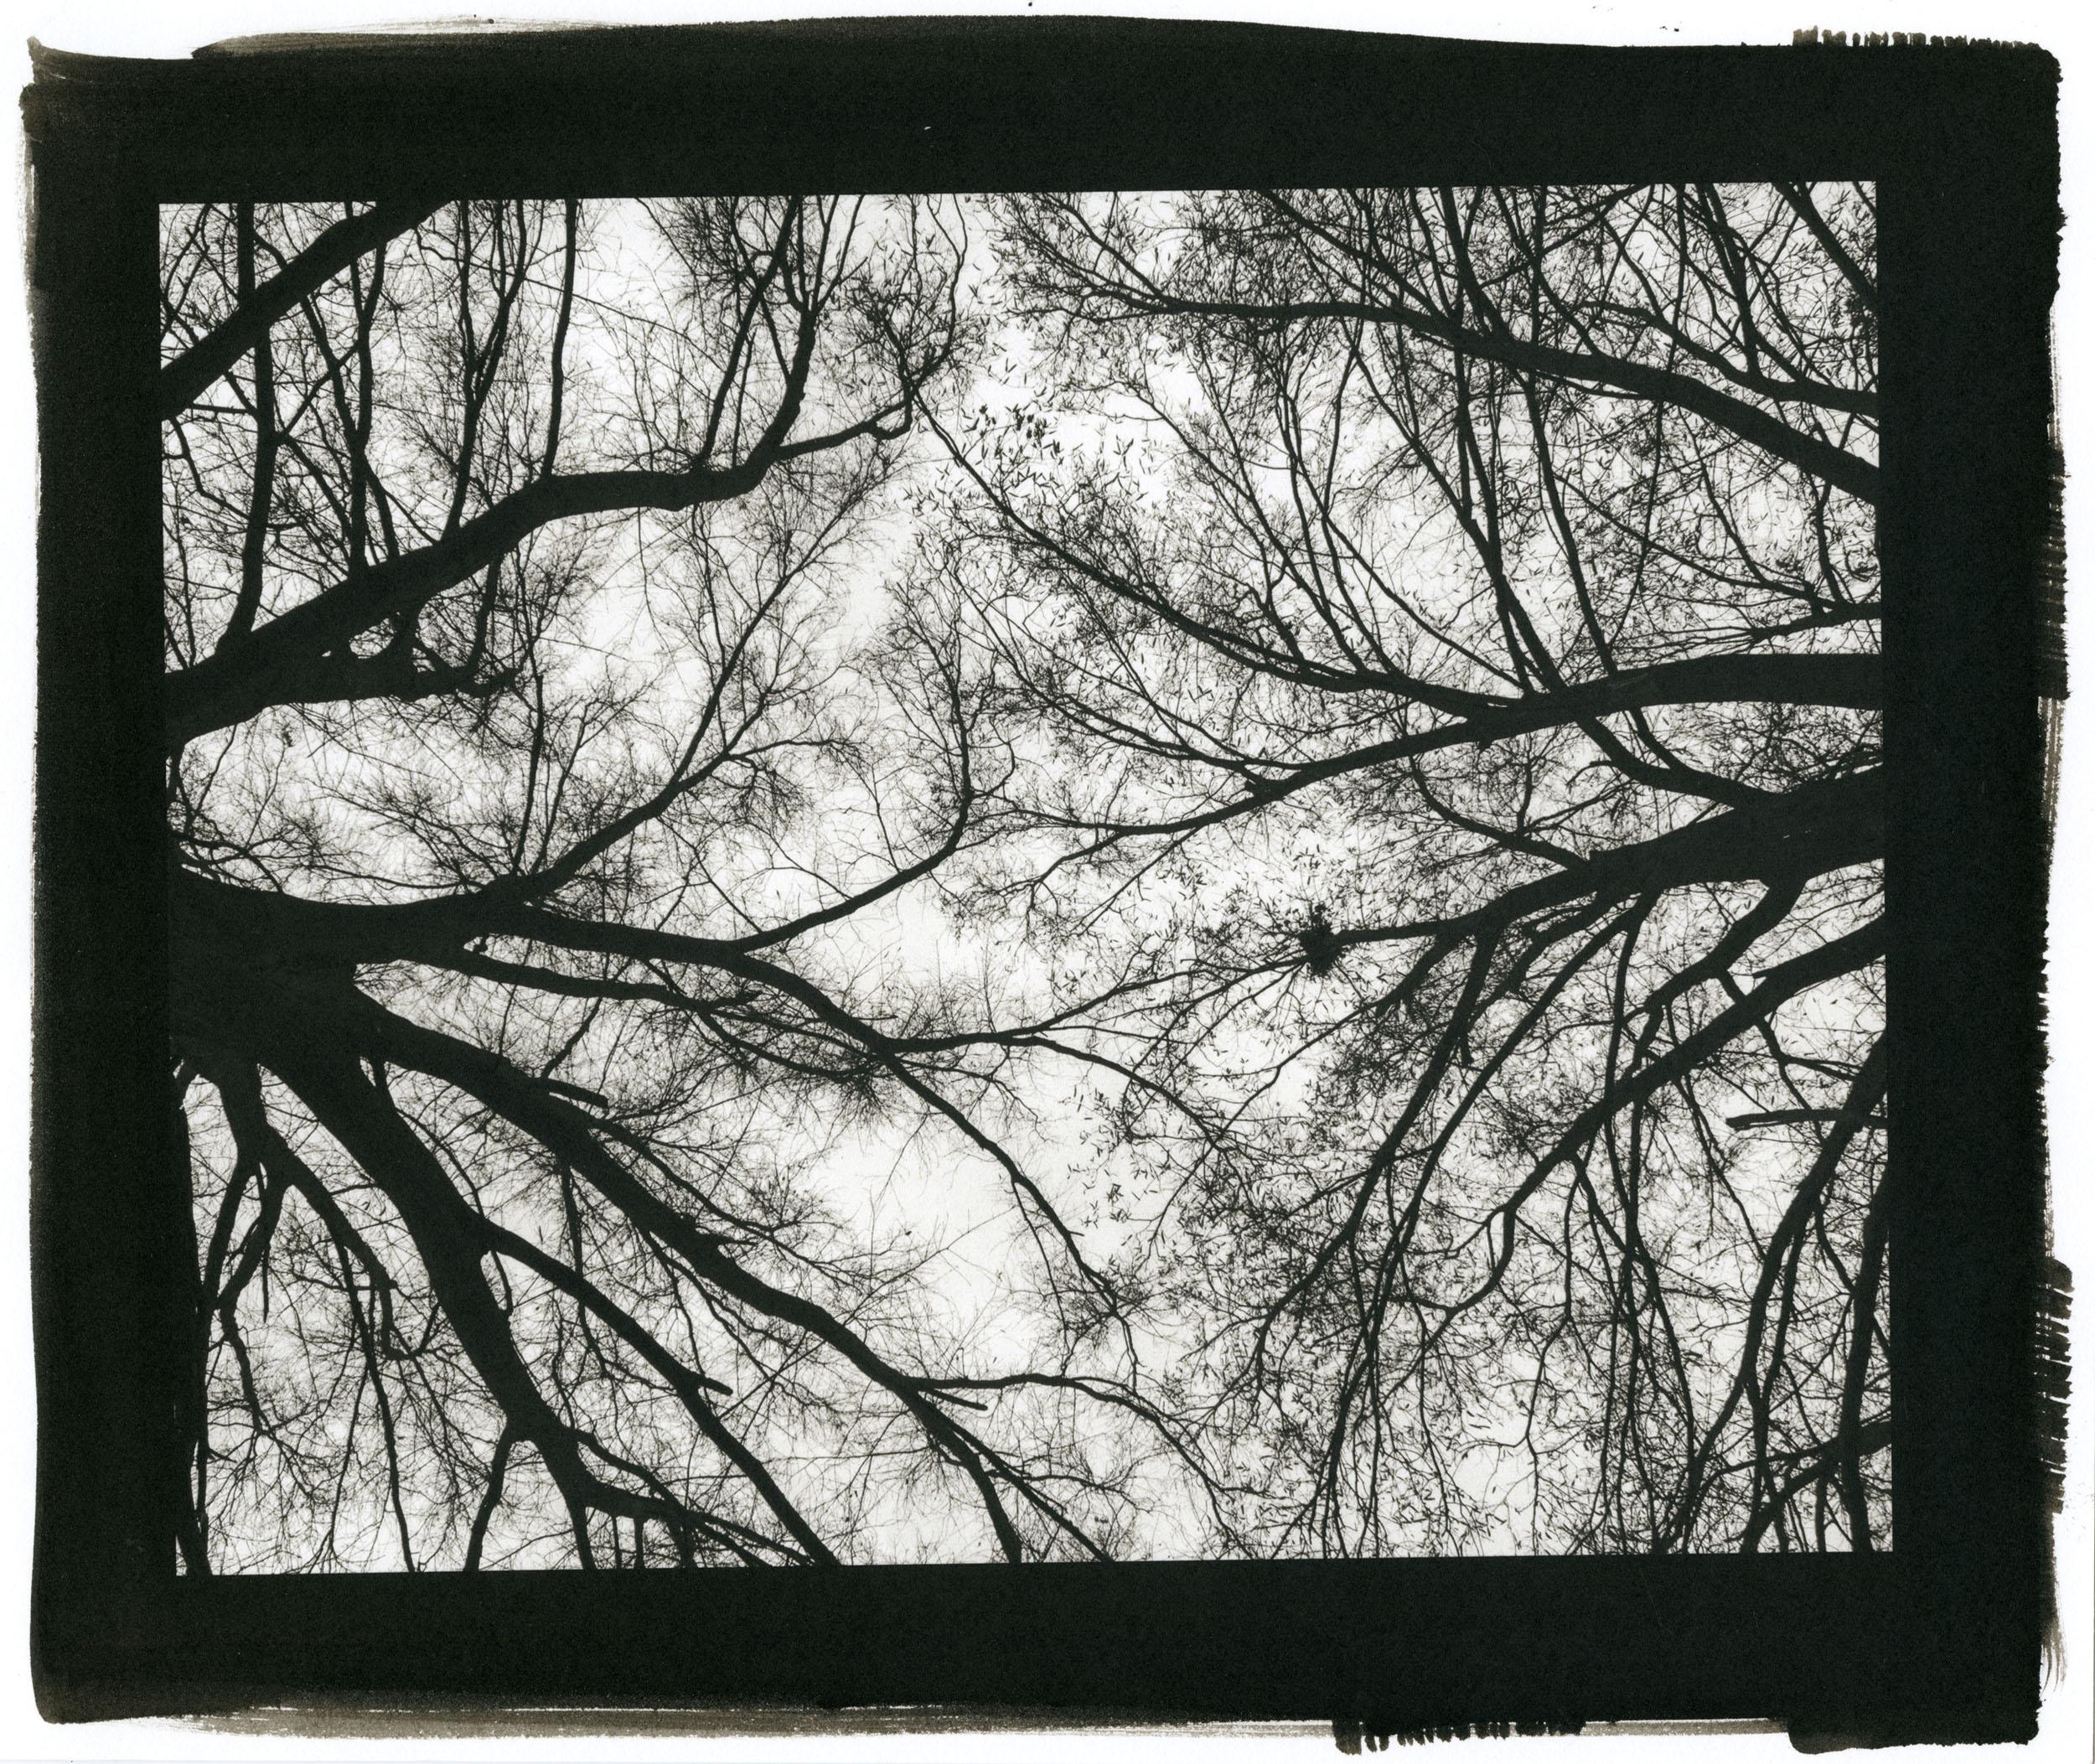 """Squirrel's Nest (Platinum/Palladium Print, 8 x 10"""")"""